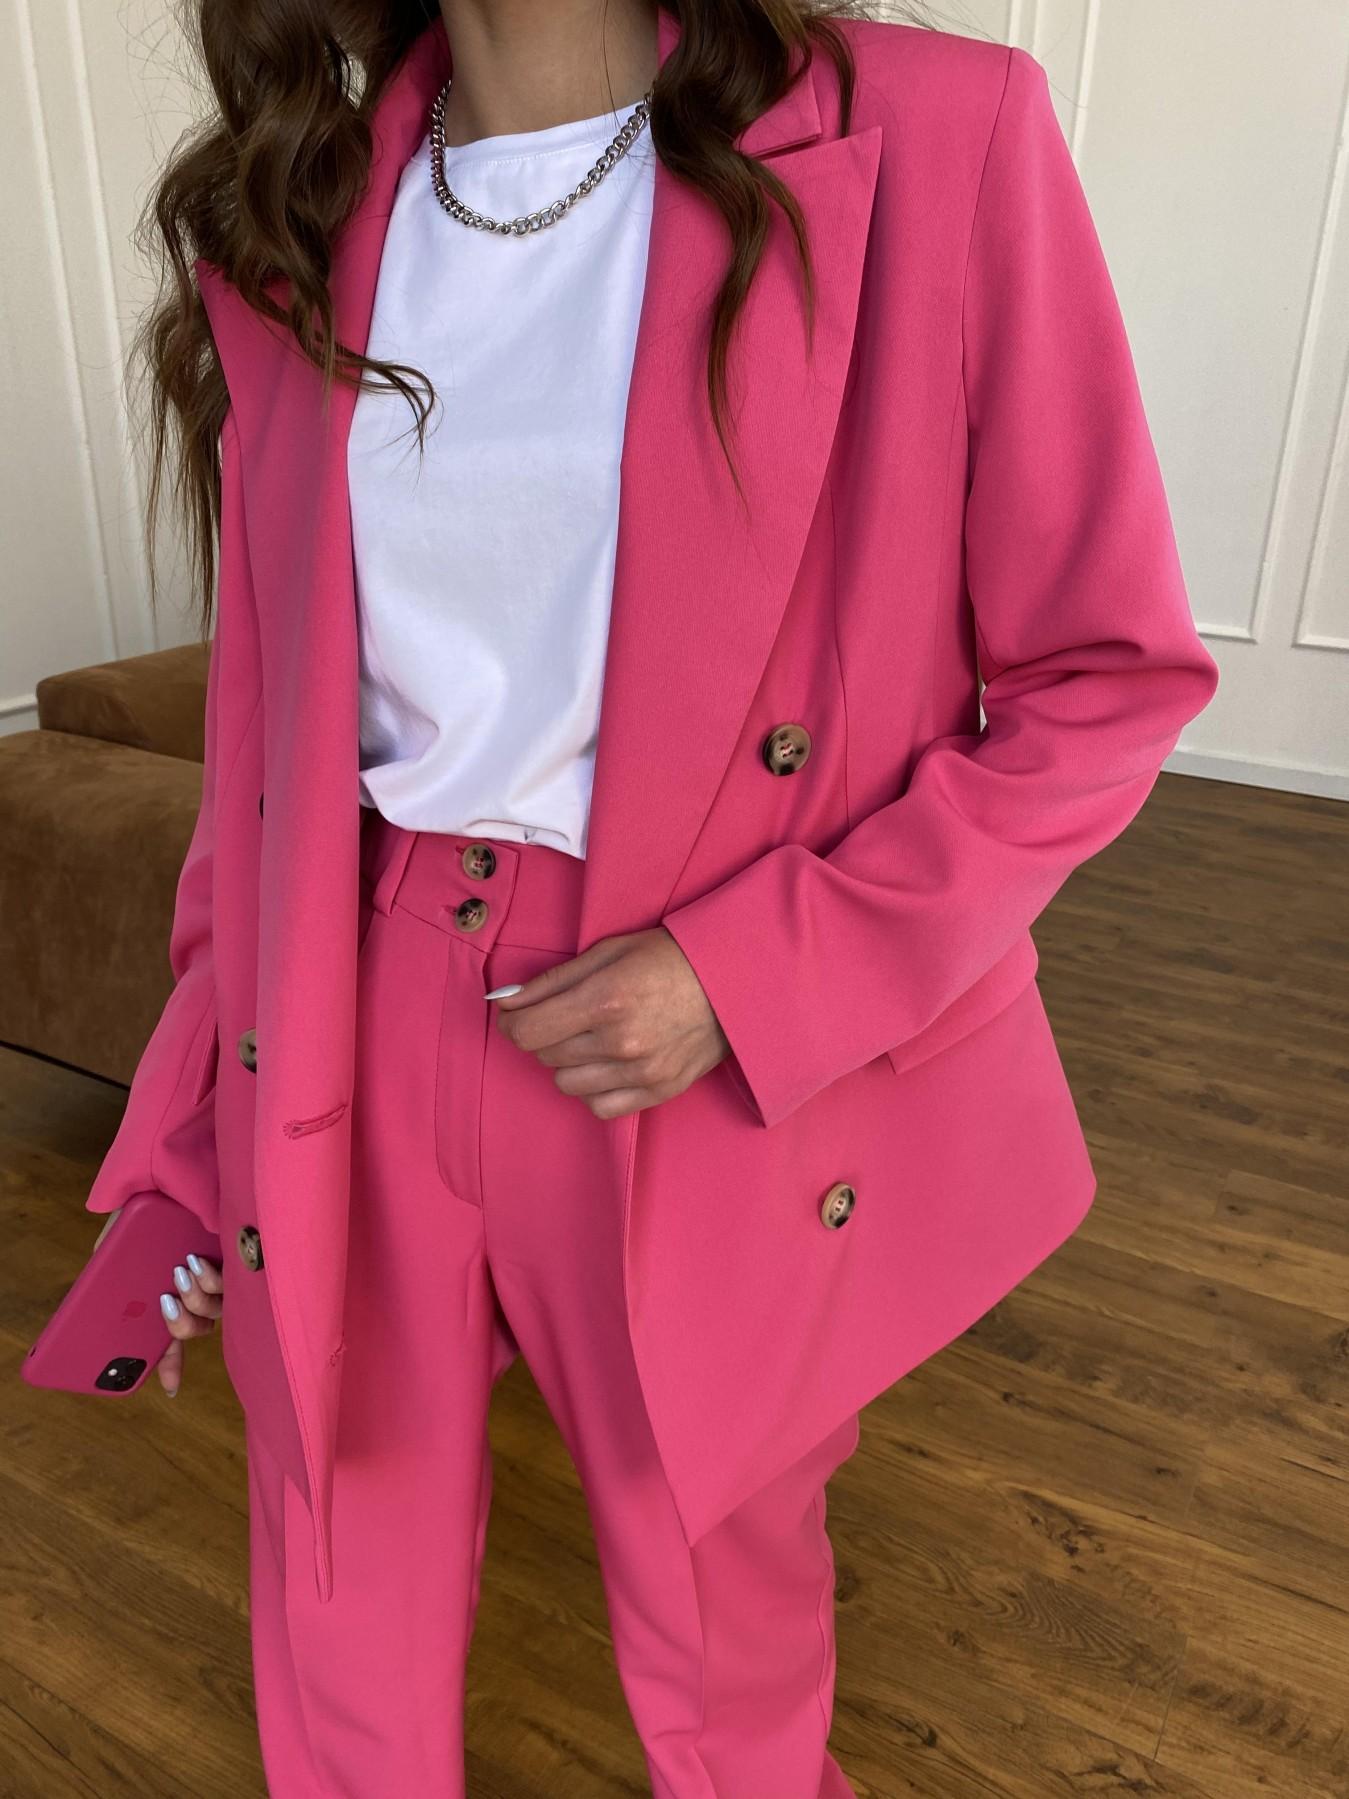 Белисимо  костюм стрейч из костюмной ткани 11217 АРТ. 47720 Цвет: Малиновый - фото 12, интернет магазин tm-modus.ru